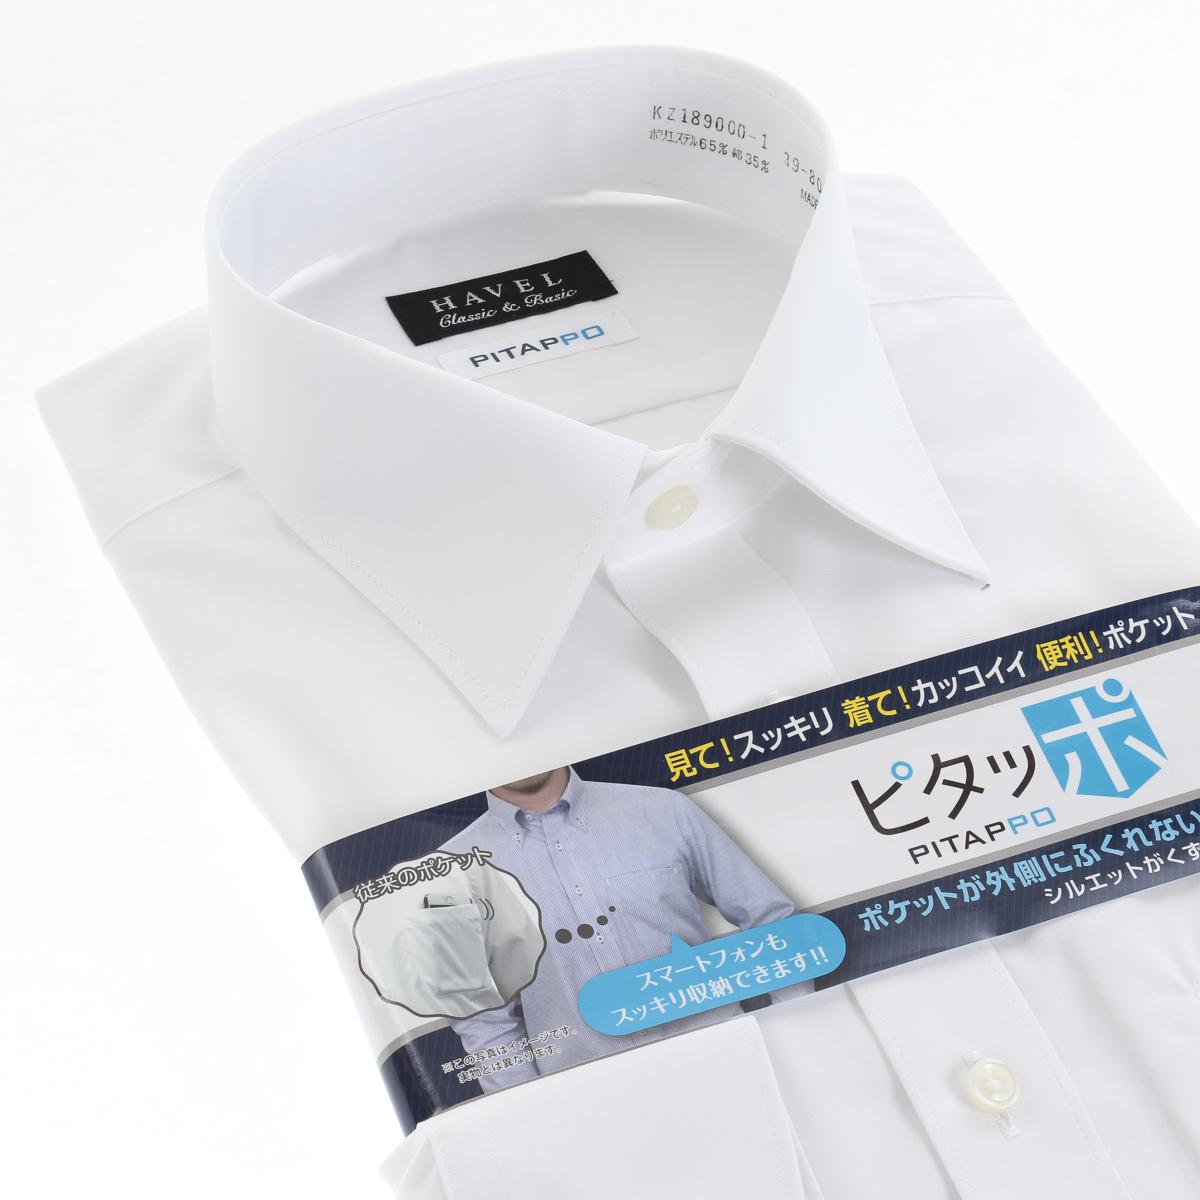 ピタッポ・形態安定 レギュラーカラー ワイシャツ 長袖 【HAVEL Classic & Basic】